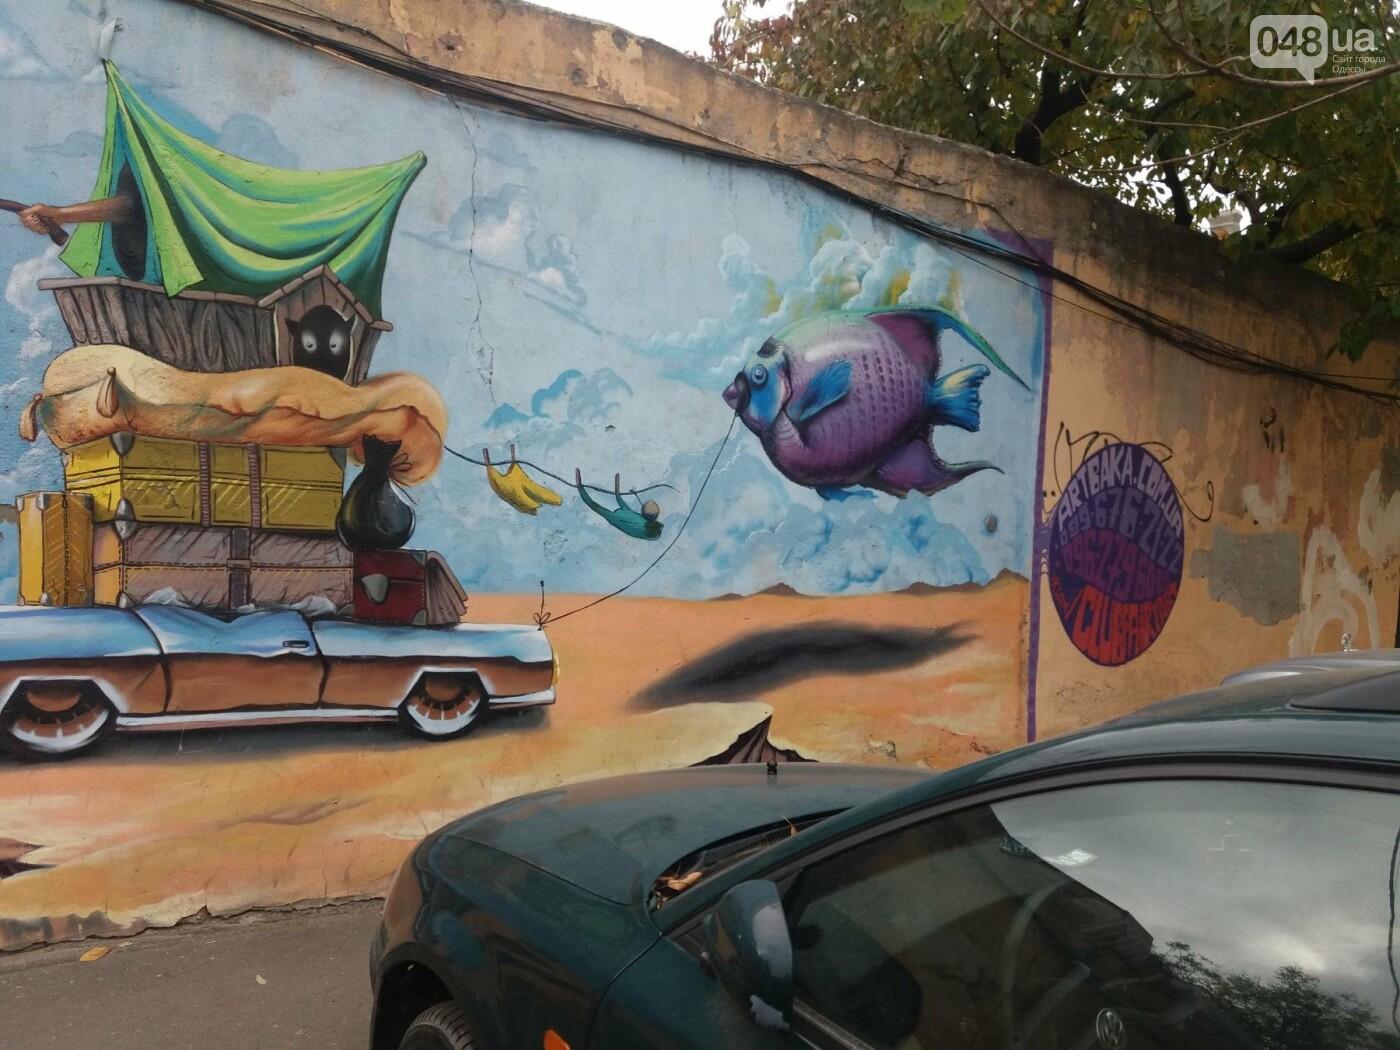 В центре Одессы обычную булочную превращают в шедевр граффити (ФОТО, ВИДЕО), фото-3